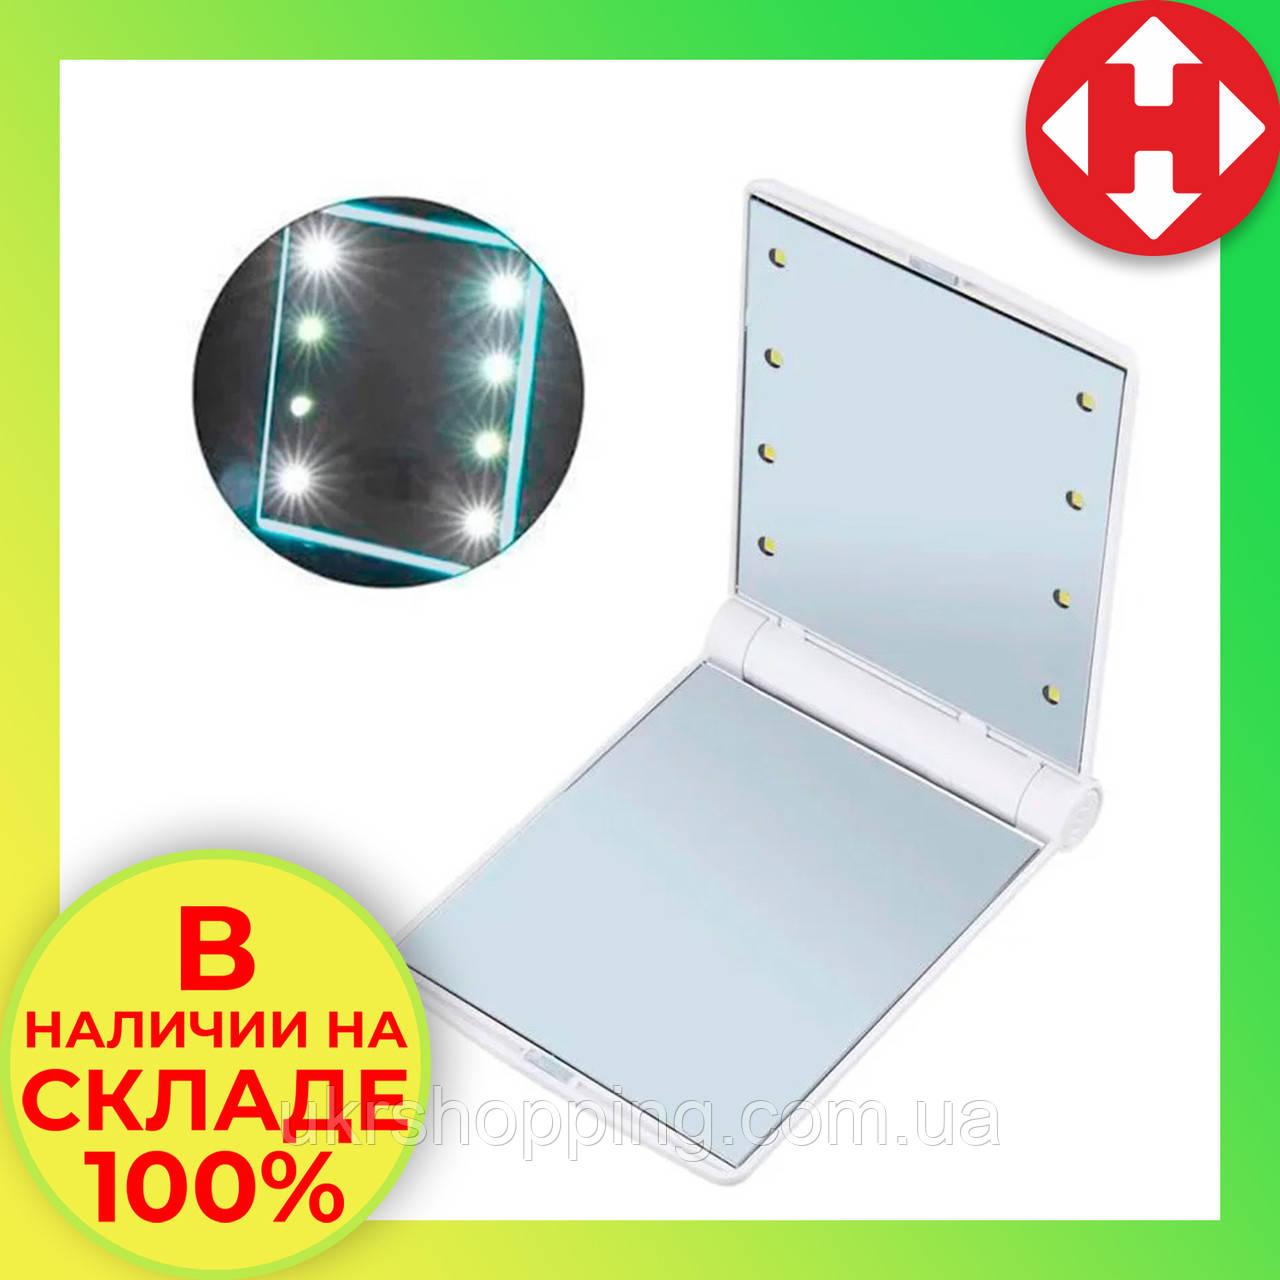 Распродажа! Карманное зеркало подсветкой Make-Up Mirror 8 LED Белое  косметическое зеркальце для макияжа